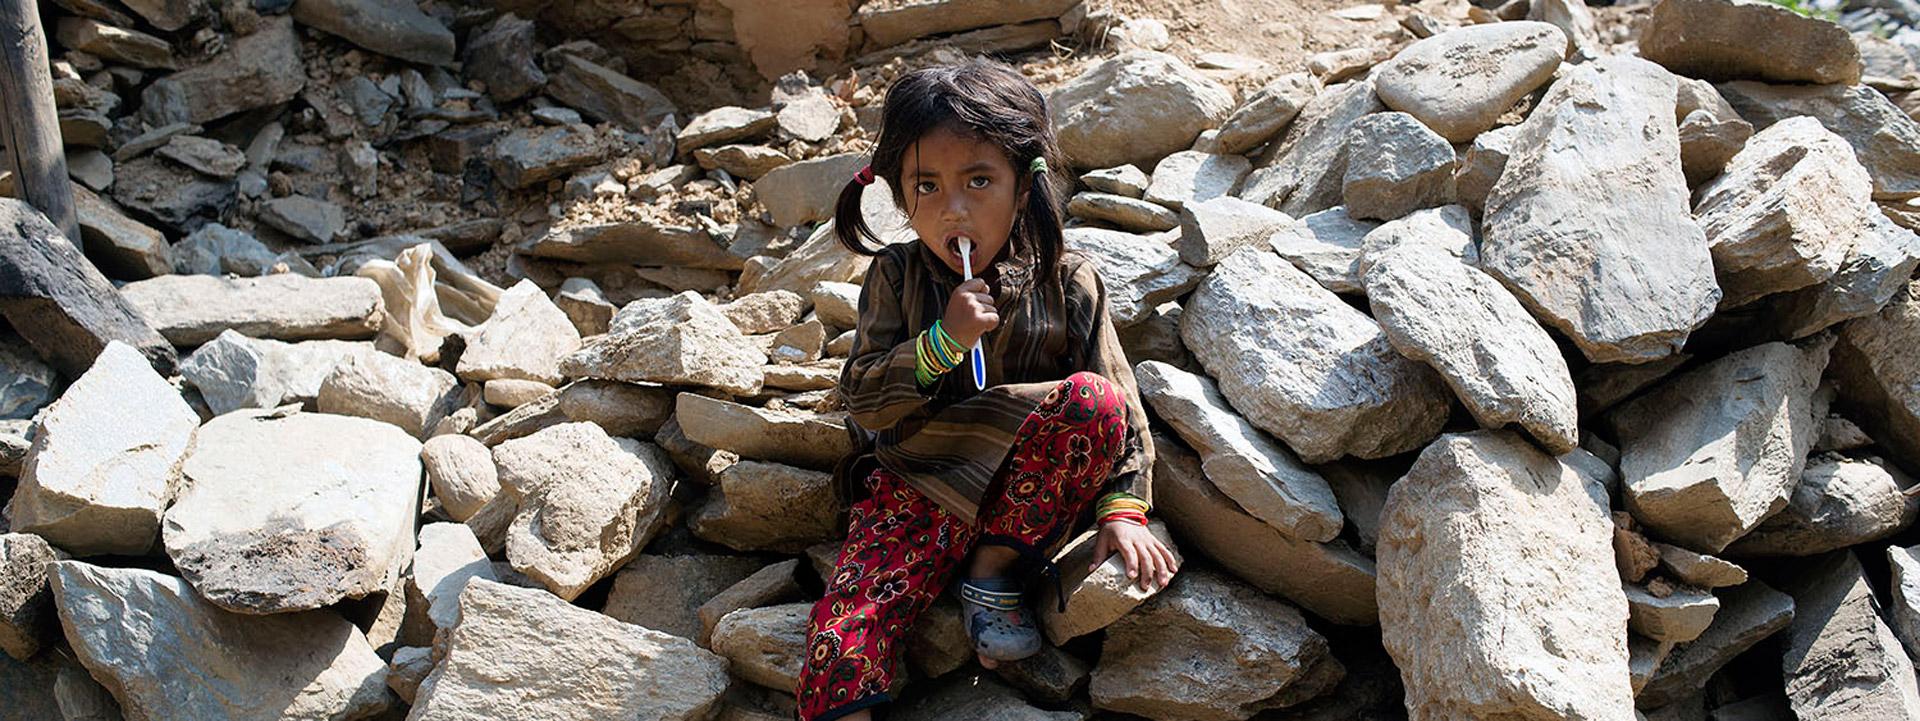 Foto: Ein nepalesisches Mädchen sitzt auf Trümmern.